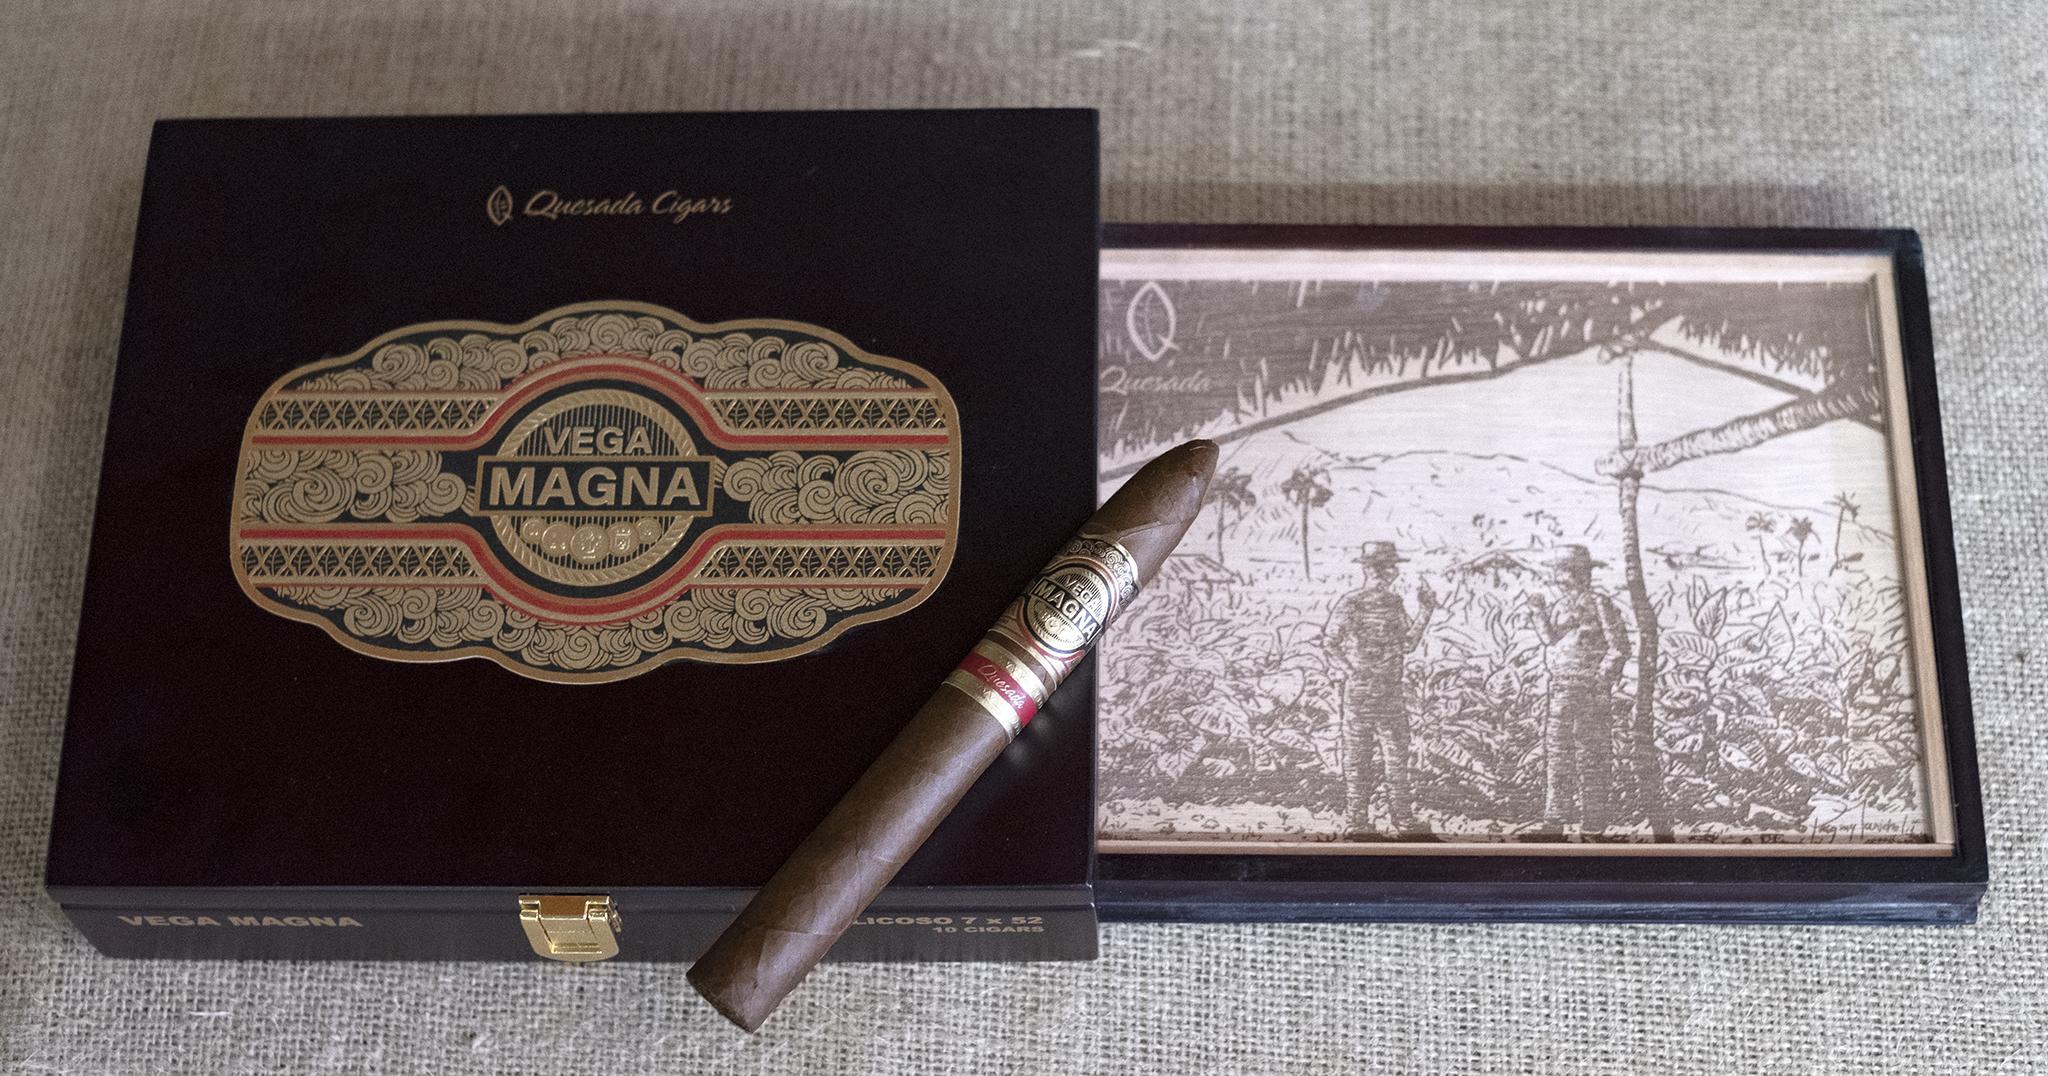 Vega Magna Box